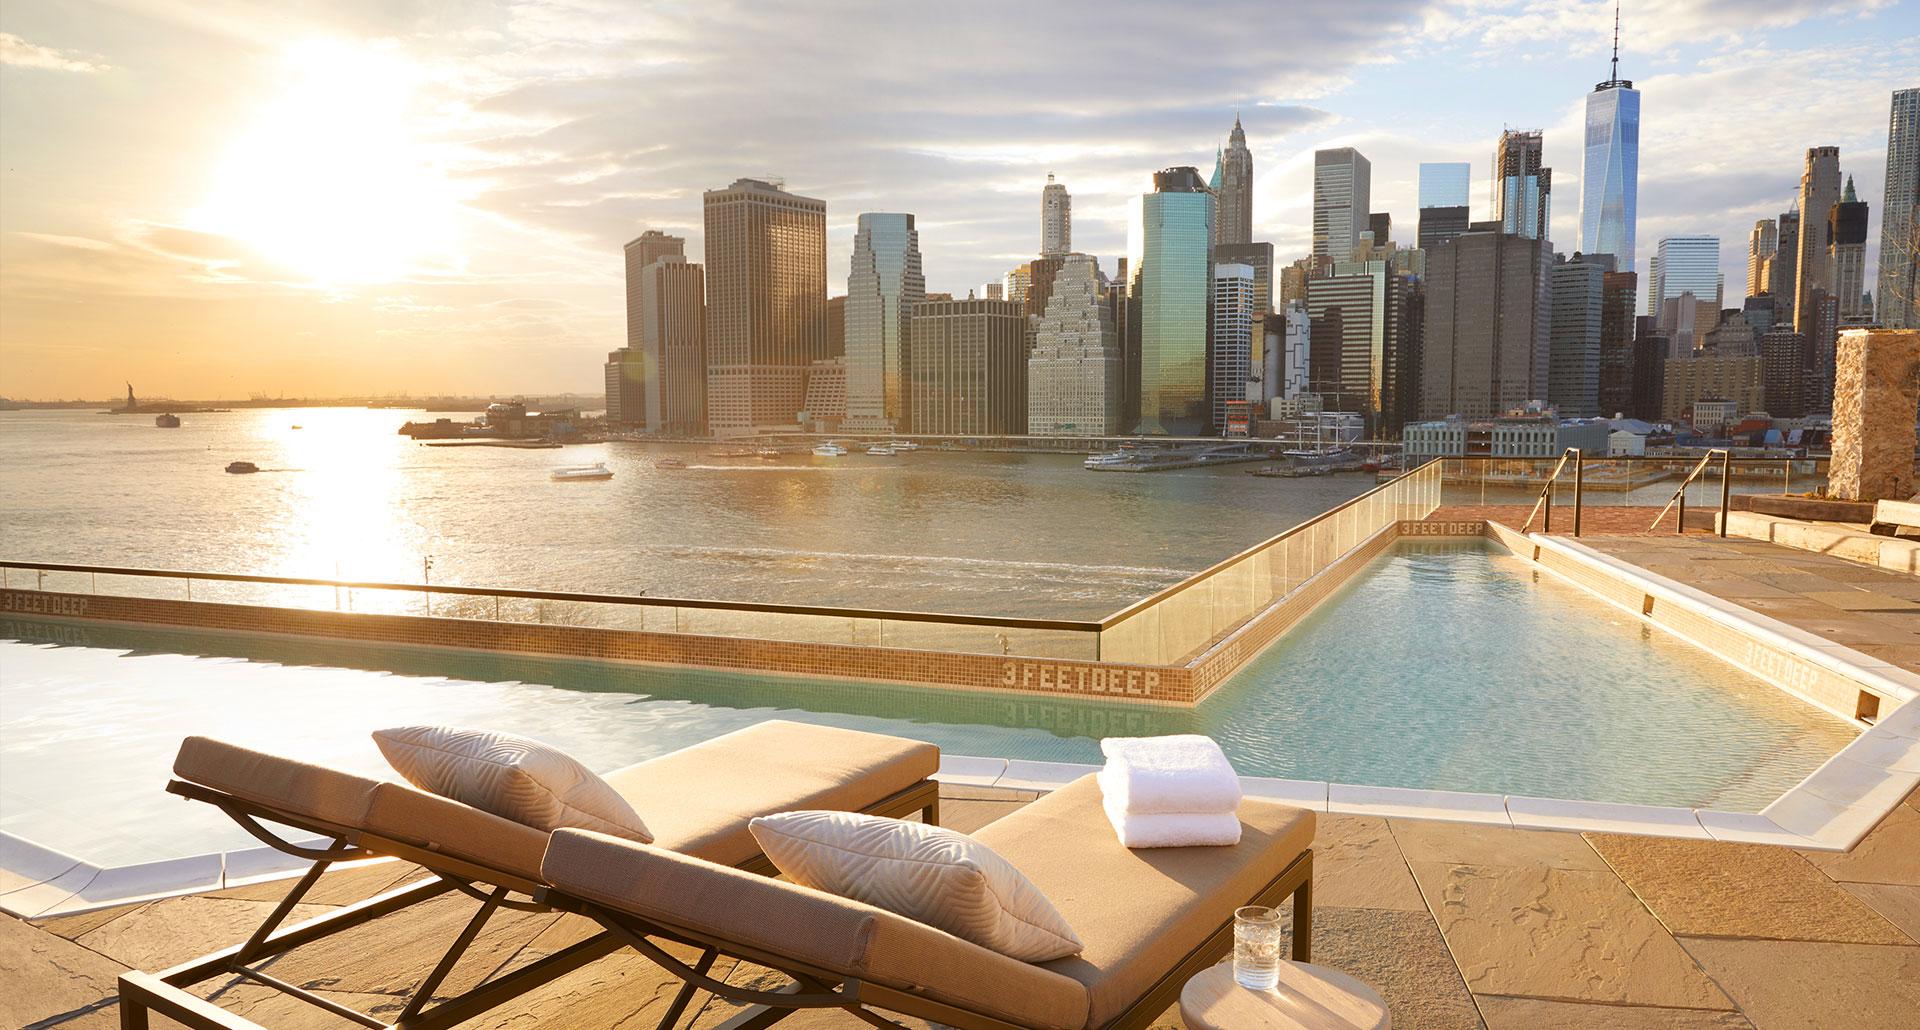 1 Hotel Brooklyn Bridge - boutique hotel in Brooklyn